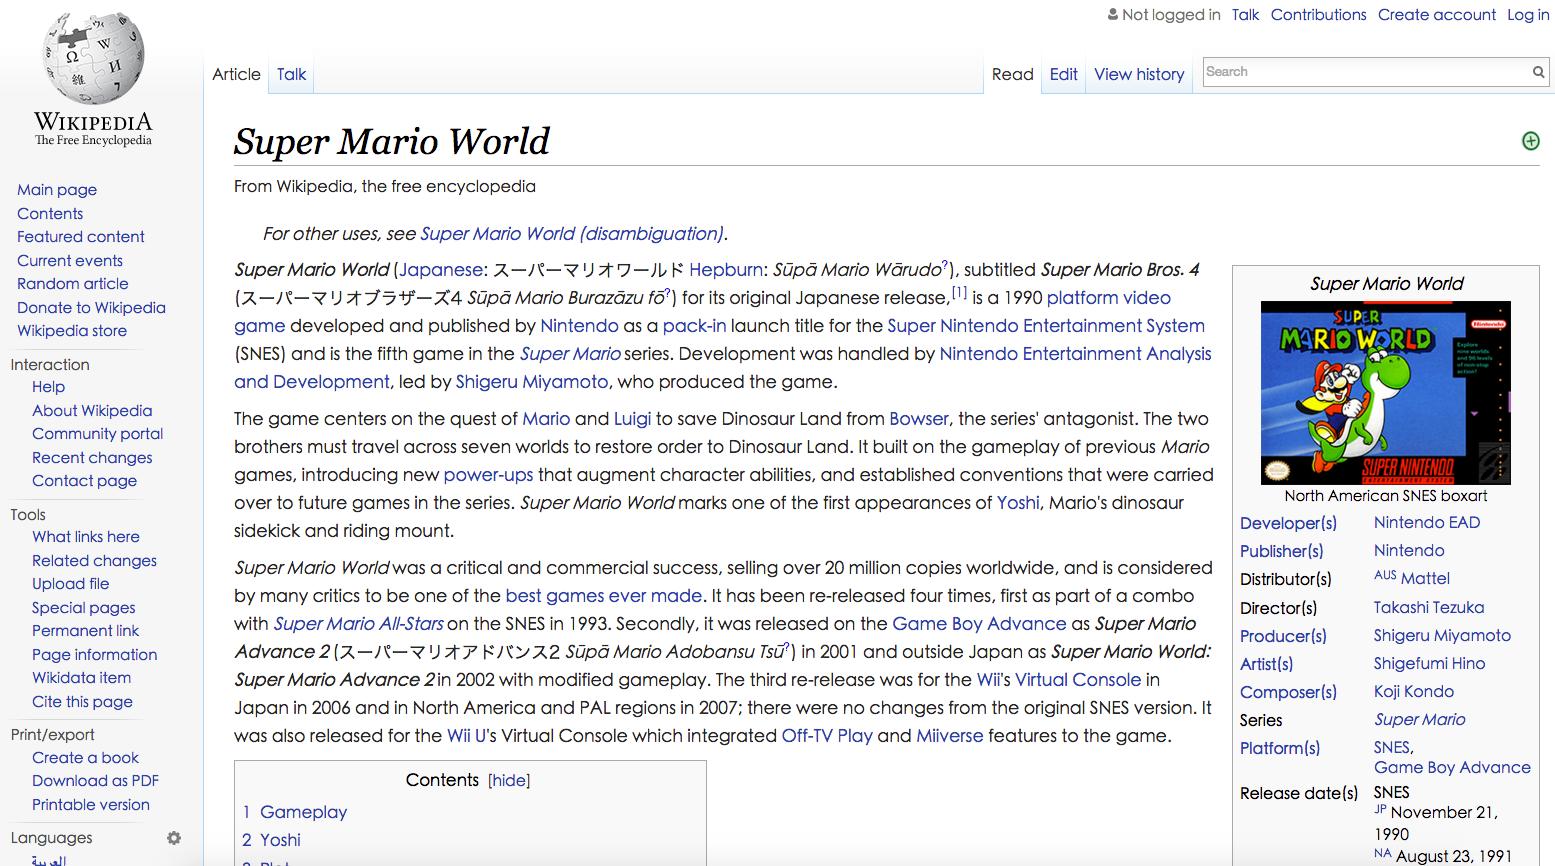 維基百科超級瑪莉